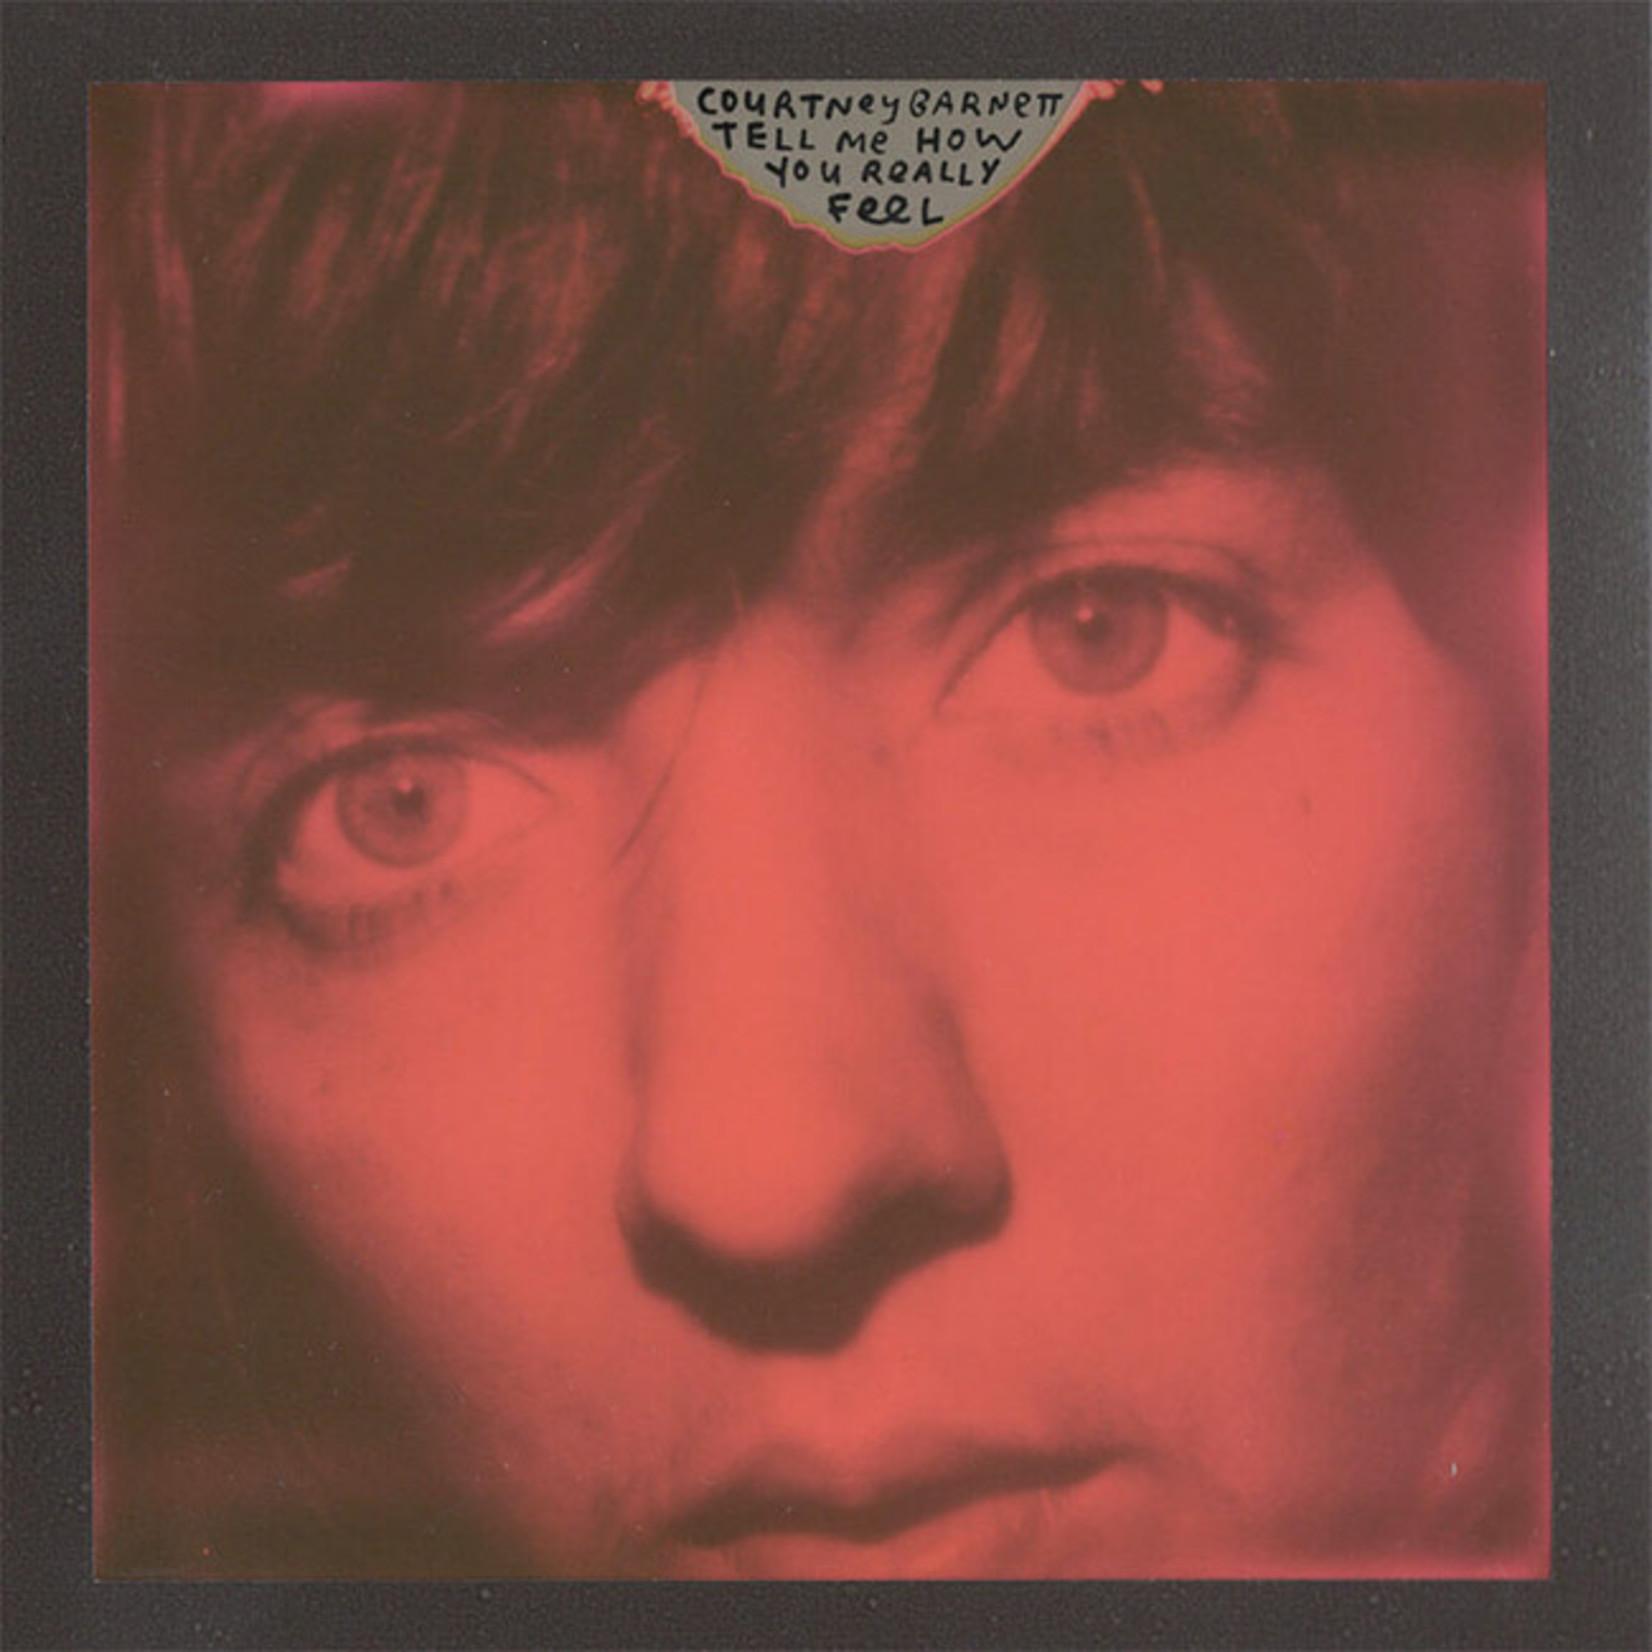 [New] Barnett, Courtney: Tell Me How You Really Feel (red vinyl)